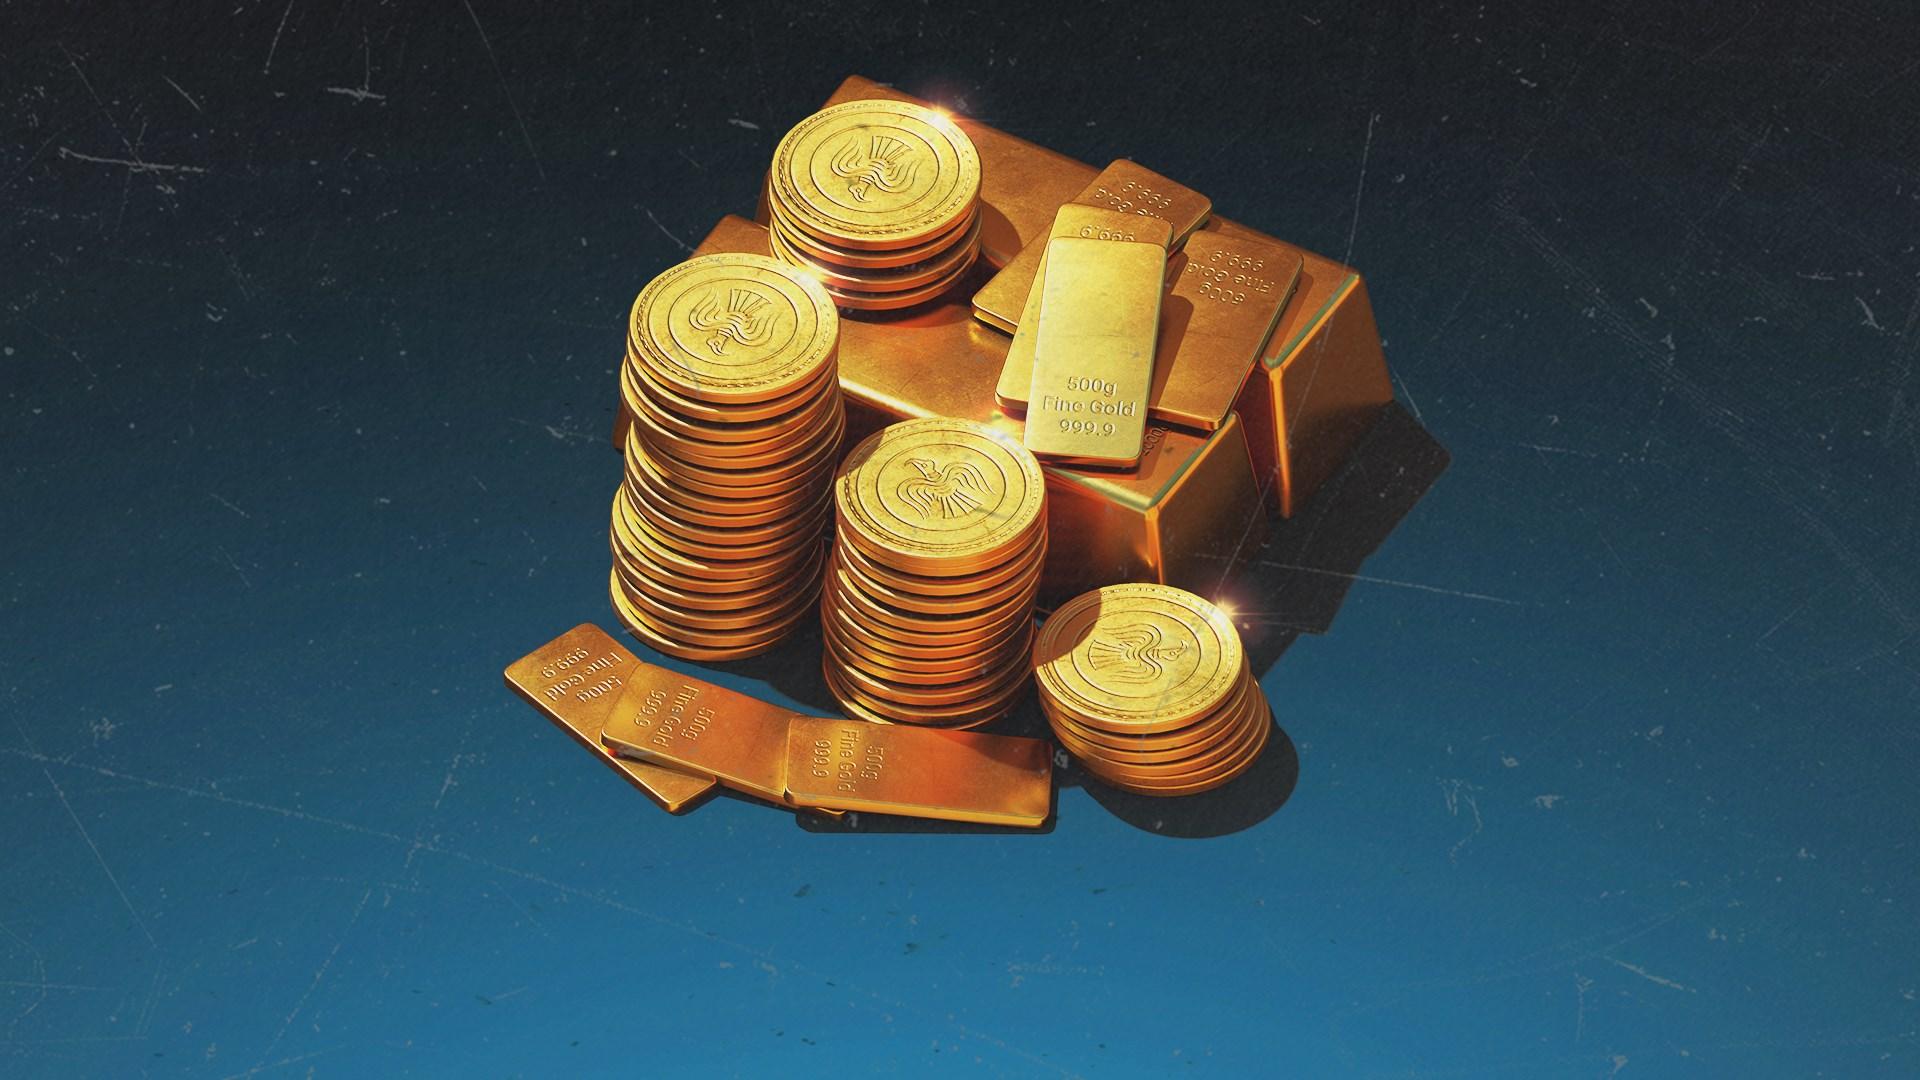 VIGOR: 3100 (+900 BONUS) CROWNS